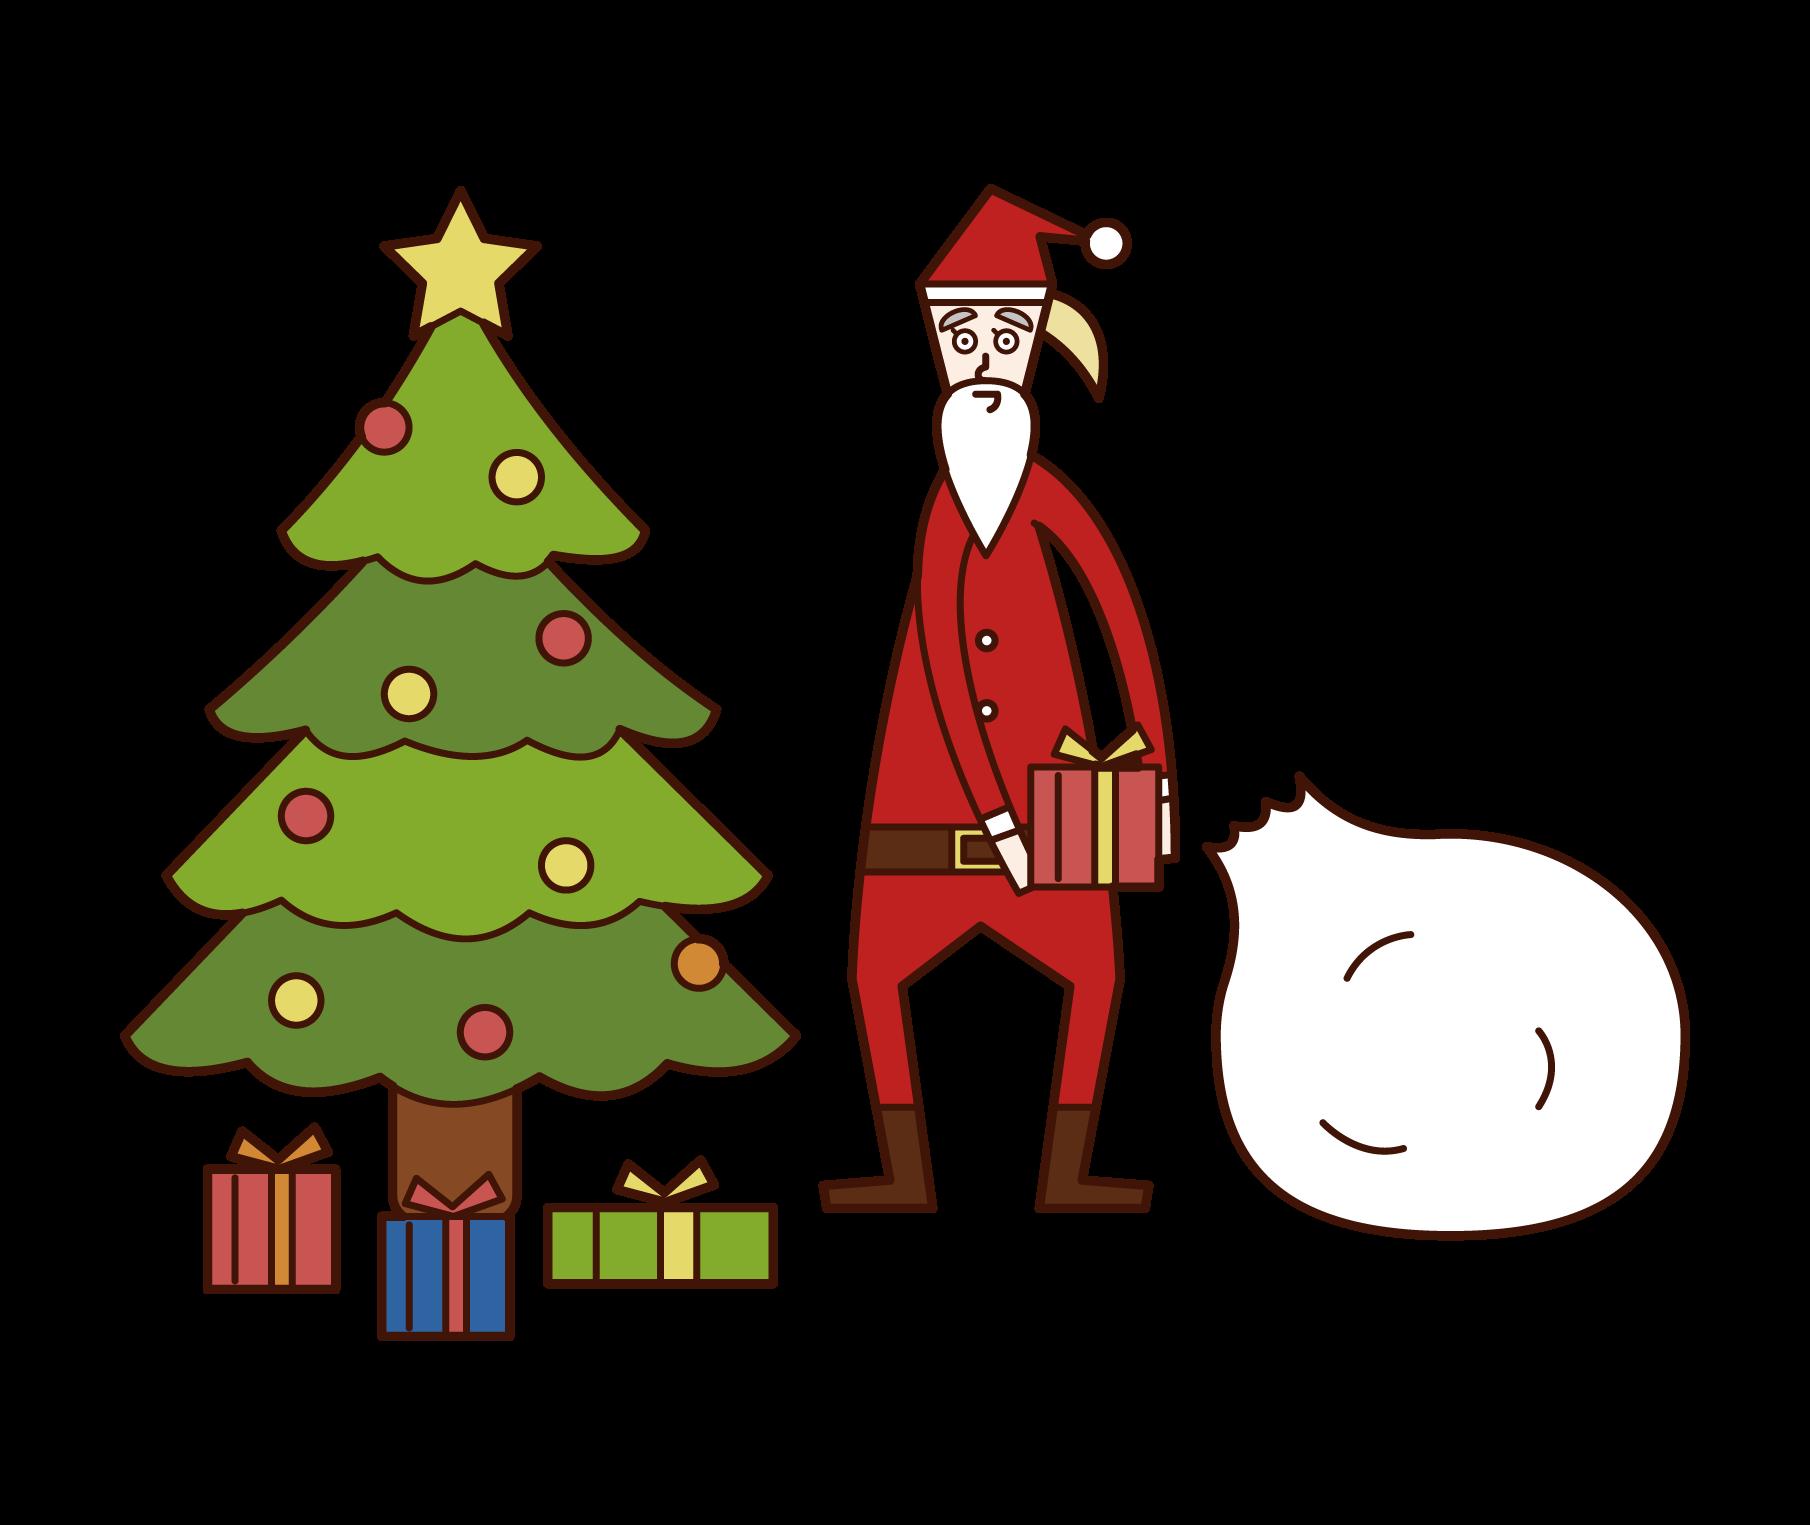 クリスマスツリーの下にプレゼントを並べるサンタクロース(女性)のイラスト